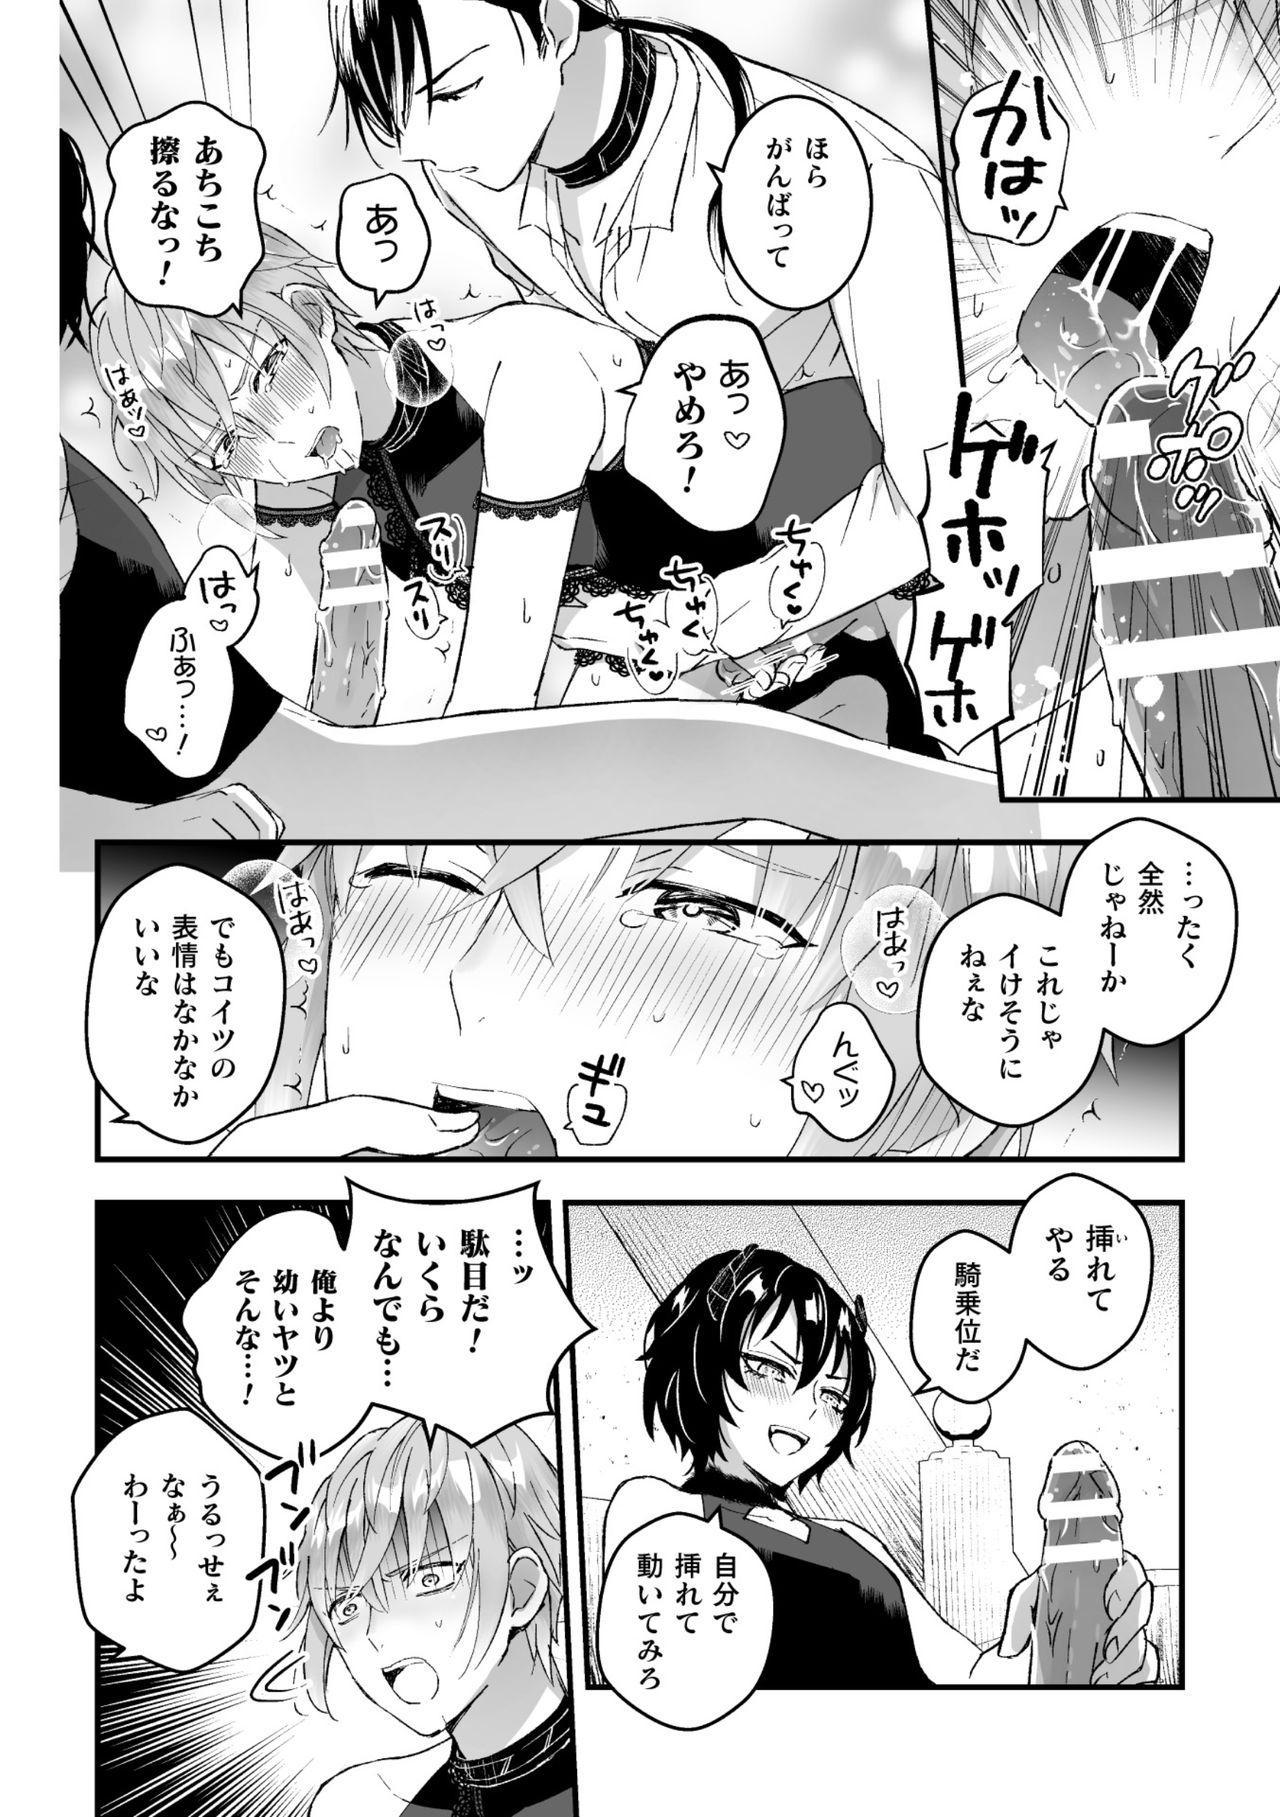 """Otoko Kishi ga """"Ku, Korose!"""" tte Iu kara Mesu Choukyou Shitemita Ch. 3 9"""